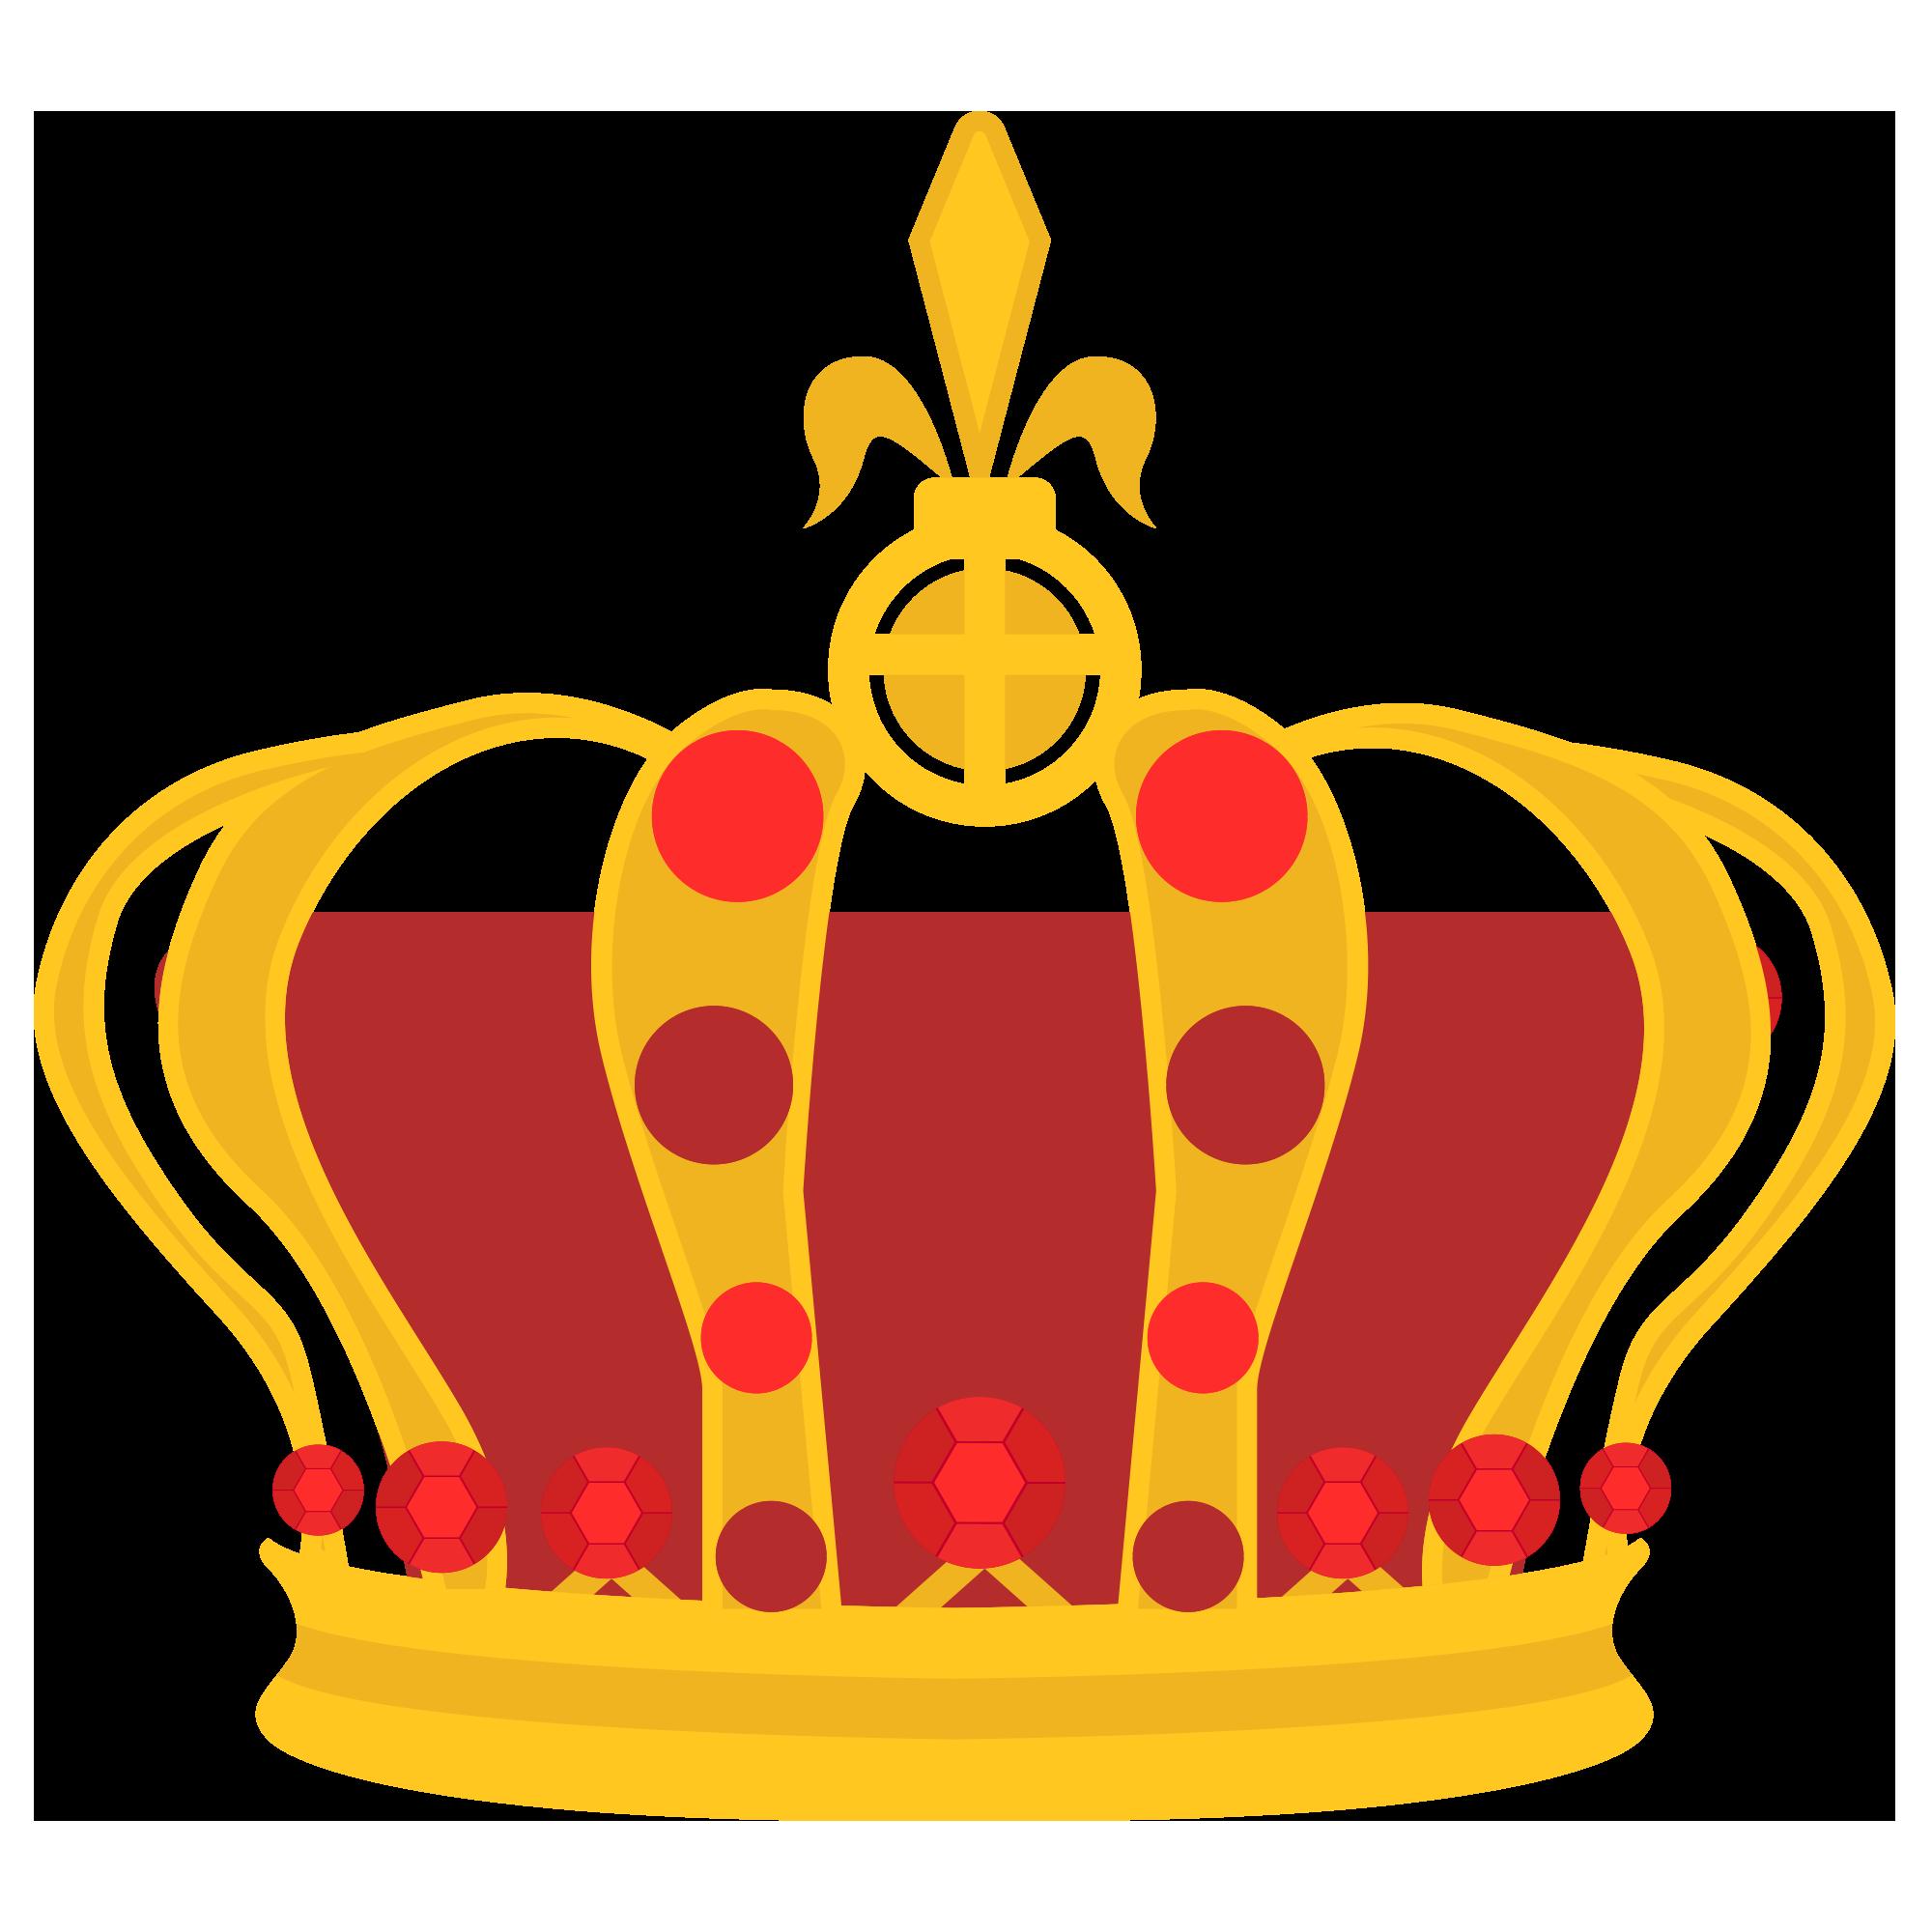 黄金の王冠のイラスト